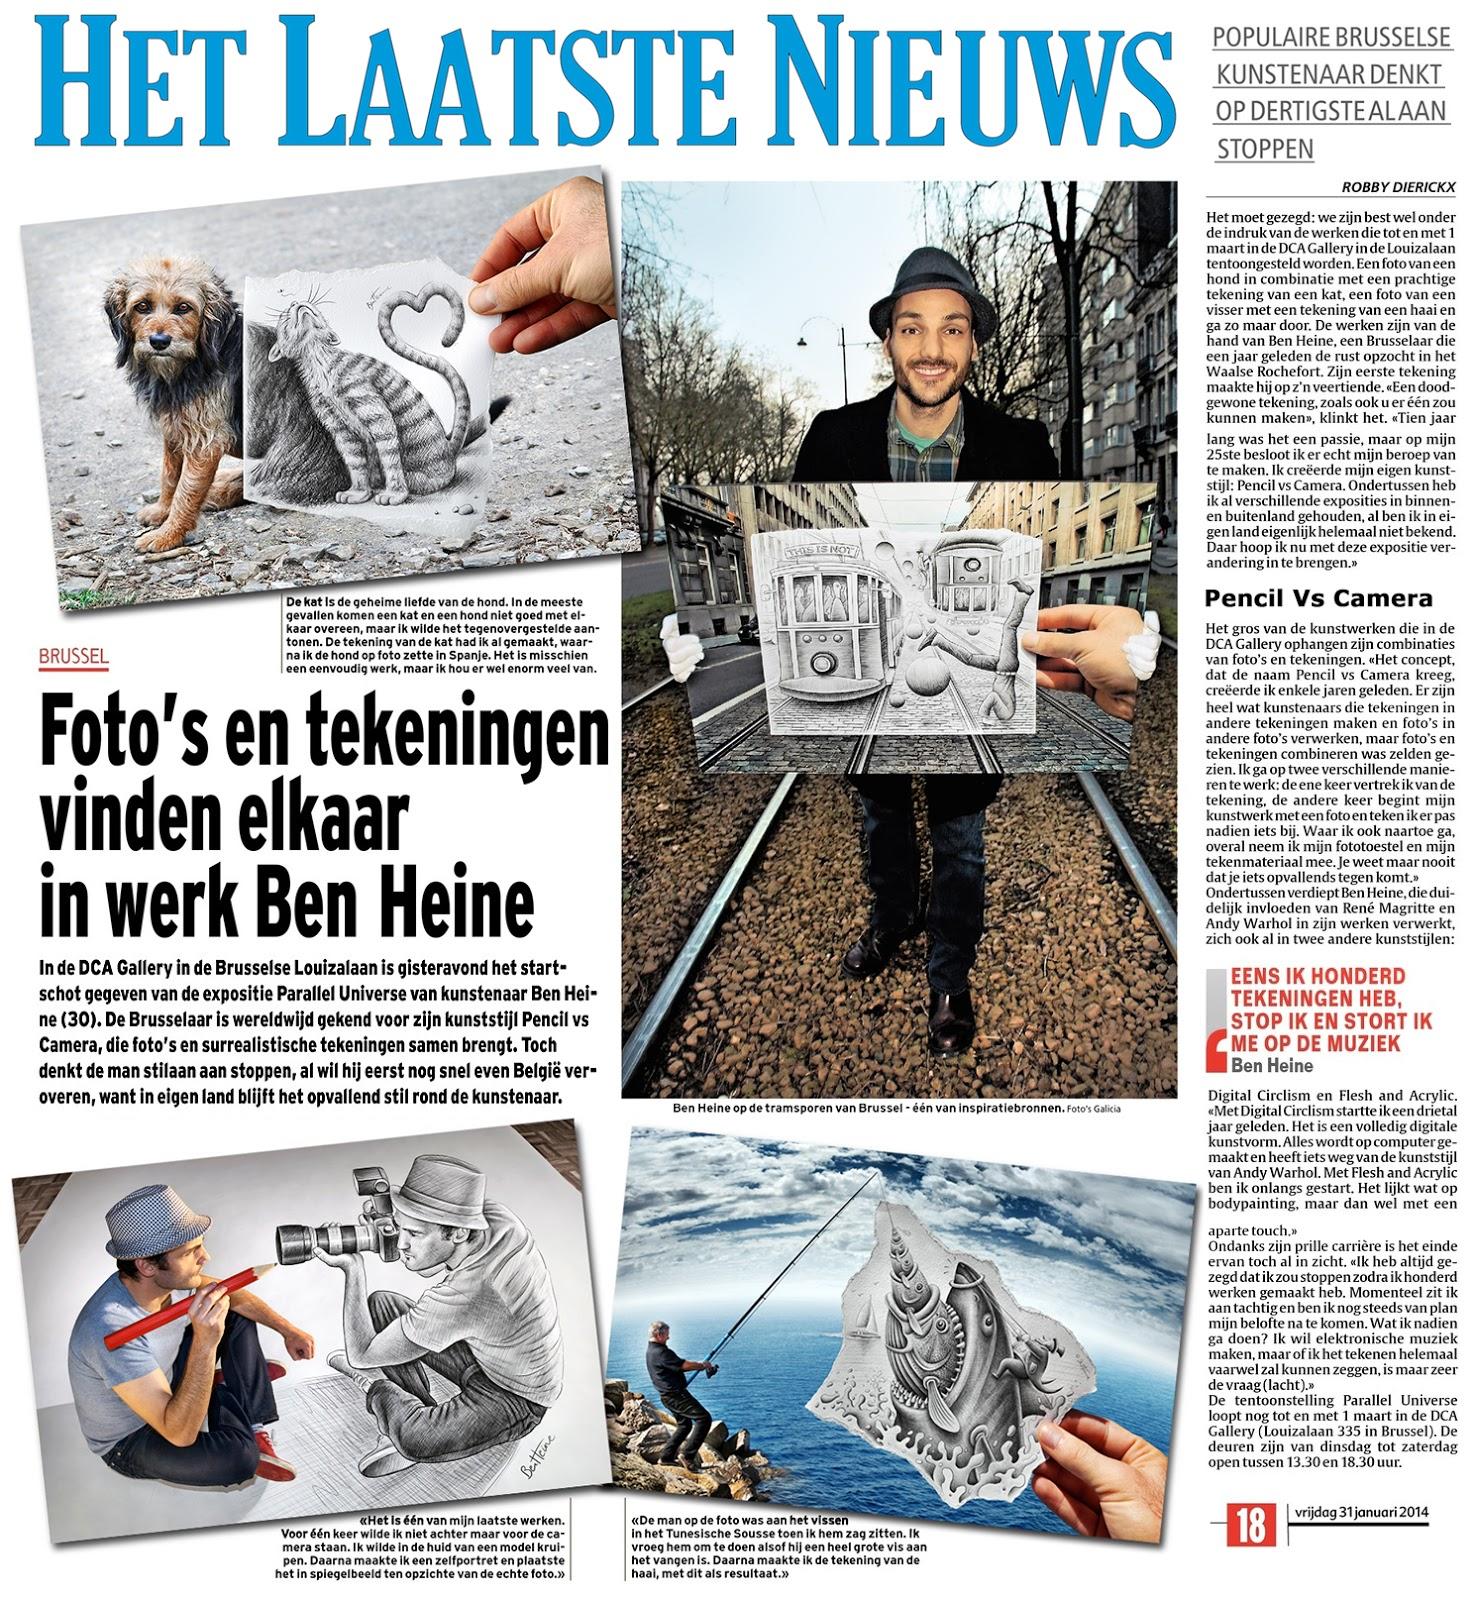 Ben Heine Art - News Article in Het Laatste Nieuws - Belgium (January 2014)